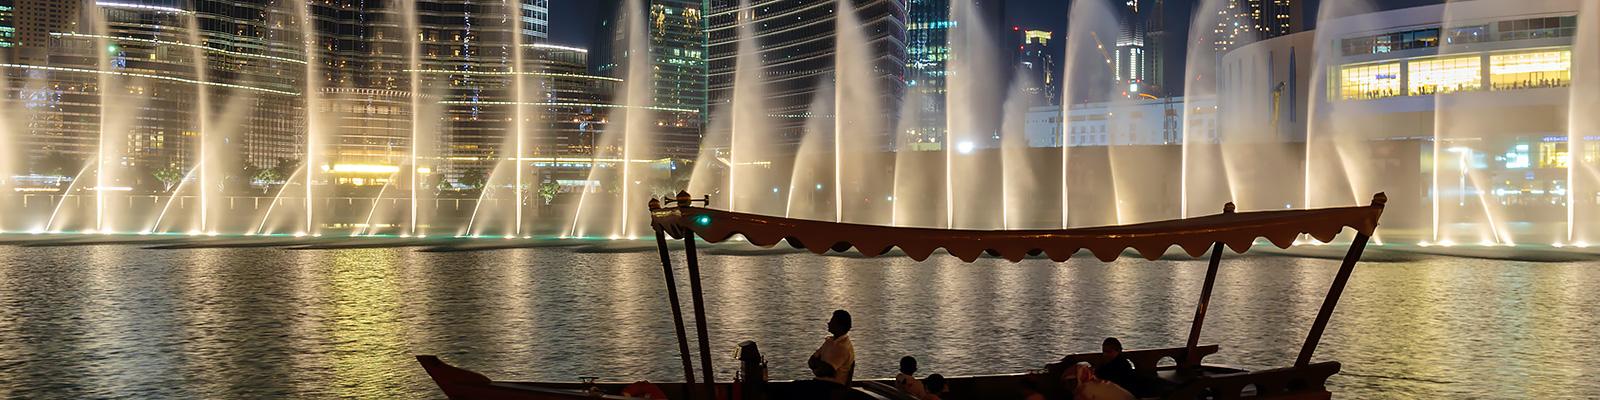 ホテル 噴水 イメージ